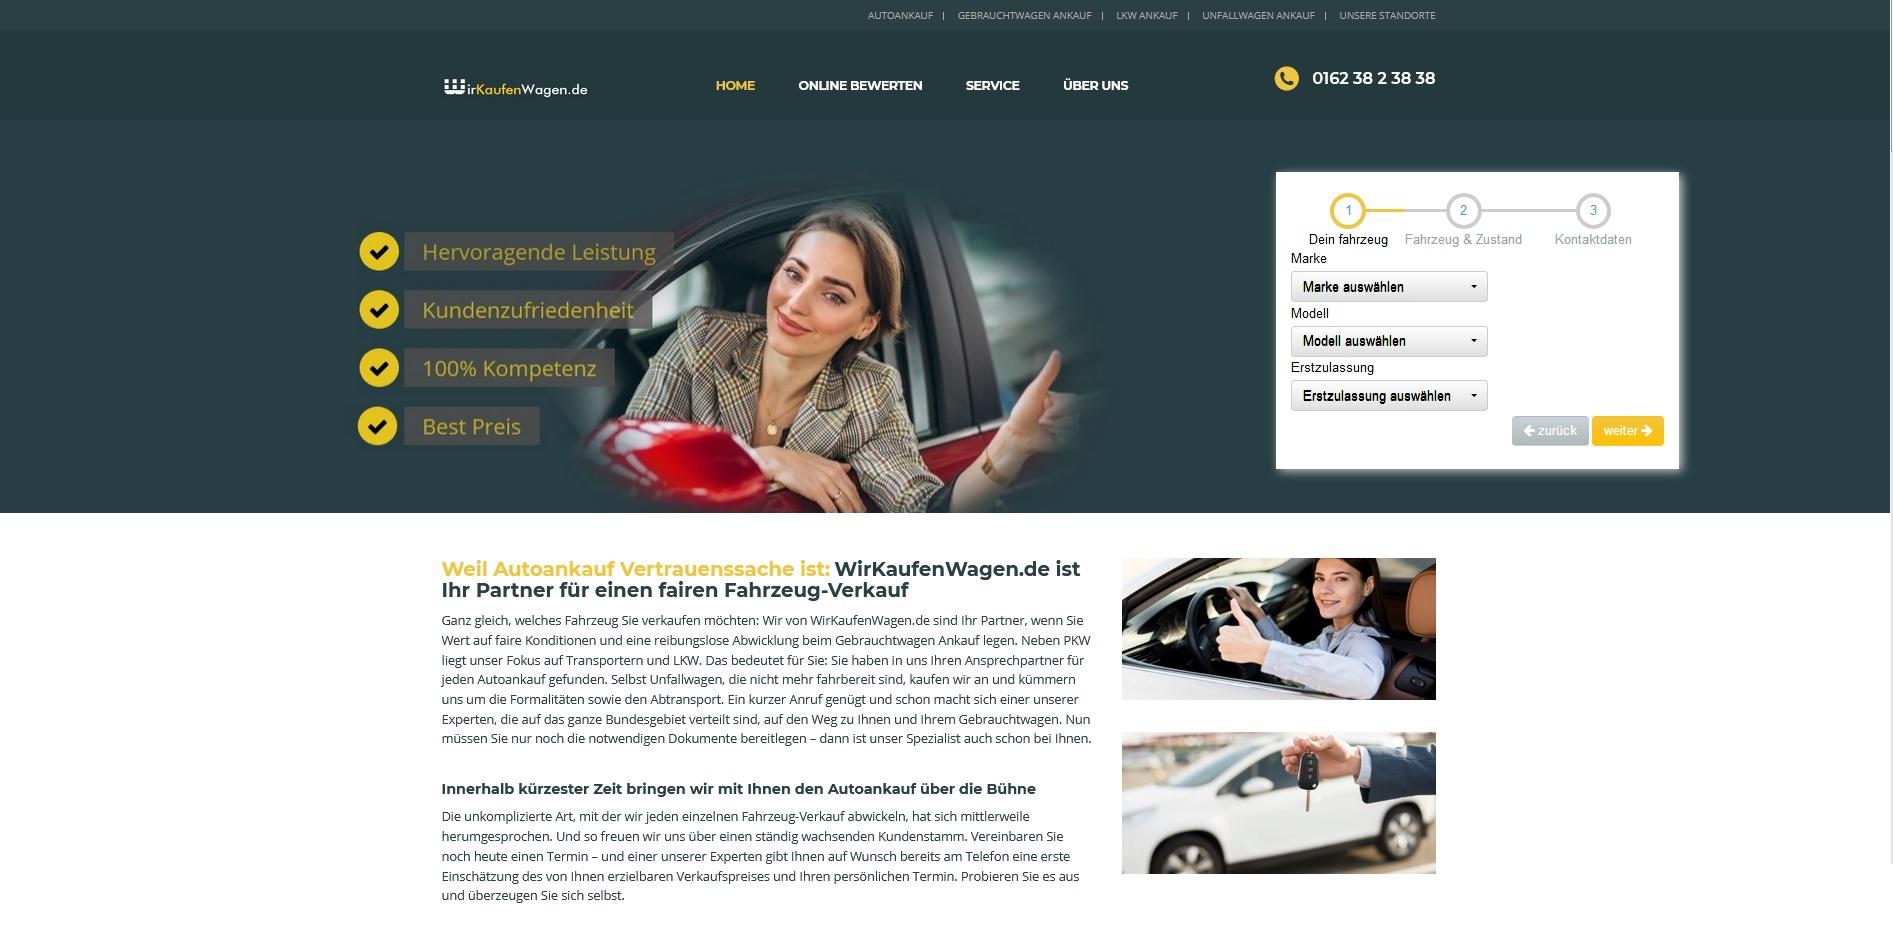 autoankauf koeln serioeser gebrauchtwagenankauf in koeln - Autoankauf Köln – Seriöser Gebrauchtwagenankauf in Köln